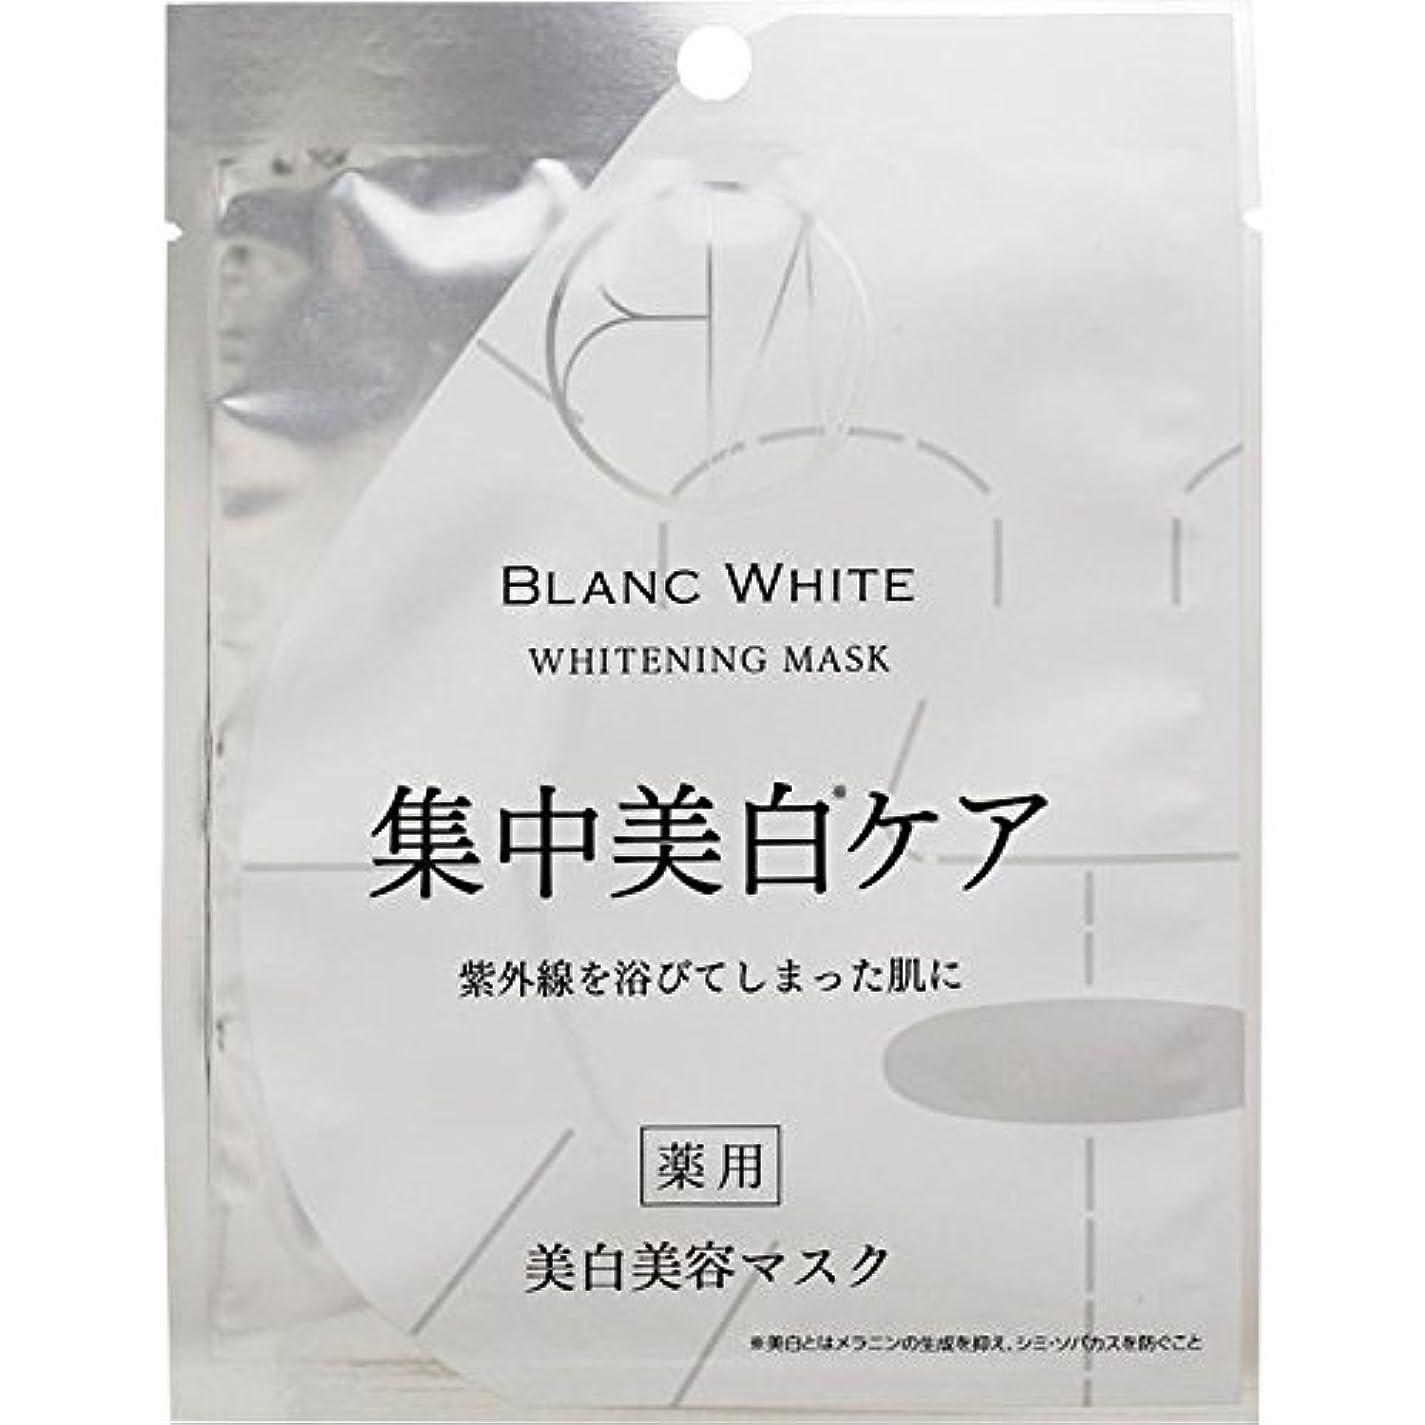 大胆な穿孔する参加するブランホワイト ホワイトニングマスク 1枚【21ml】 (医薬部外品)